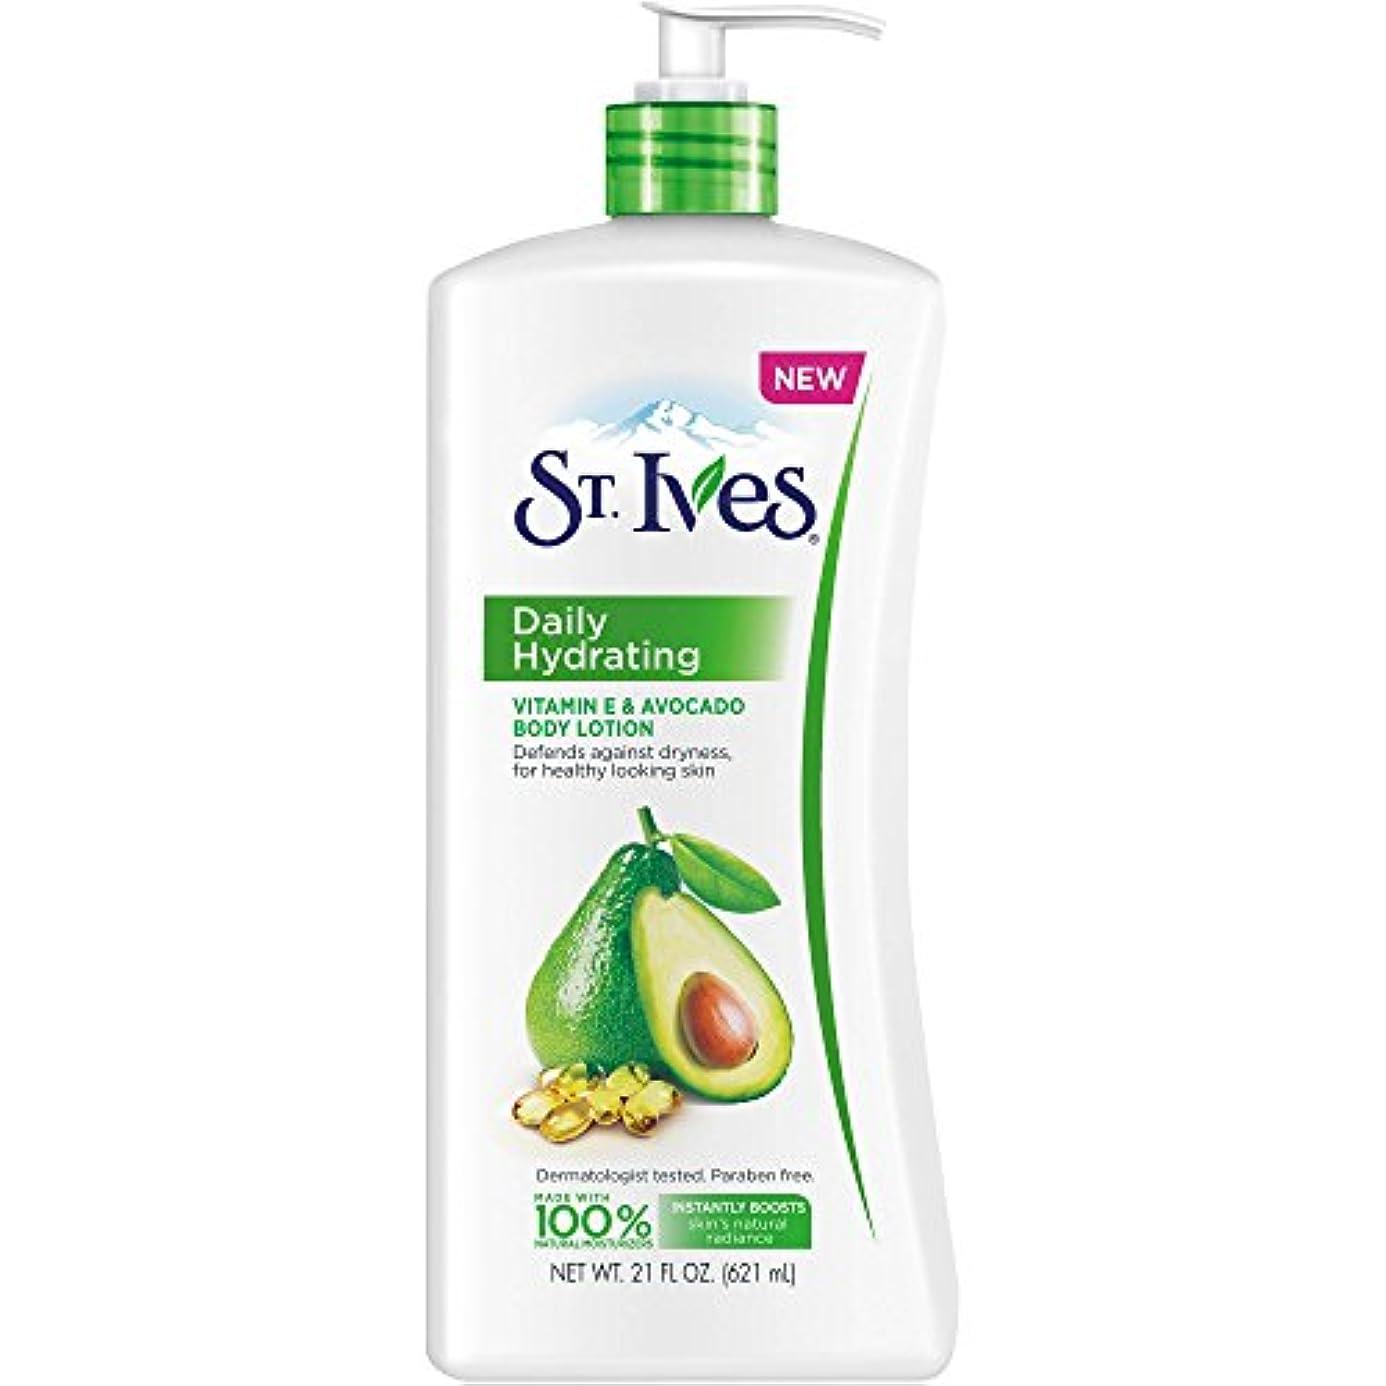 各歌反射St. Ives Daily Hydrating Vitamin E and Avocado Body Lotion [並行輸入品]